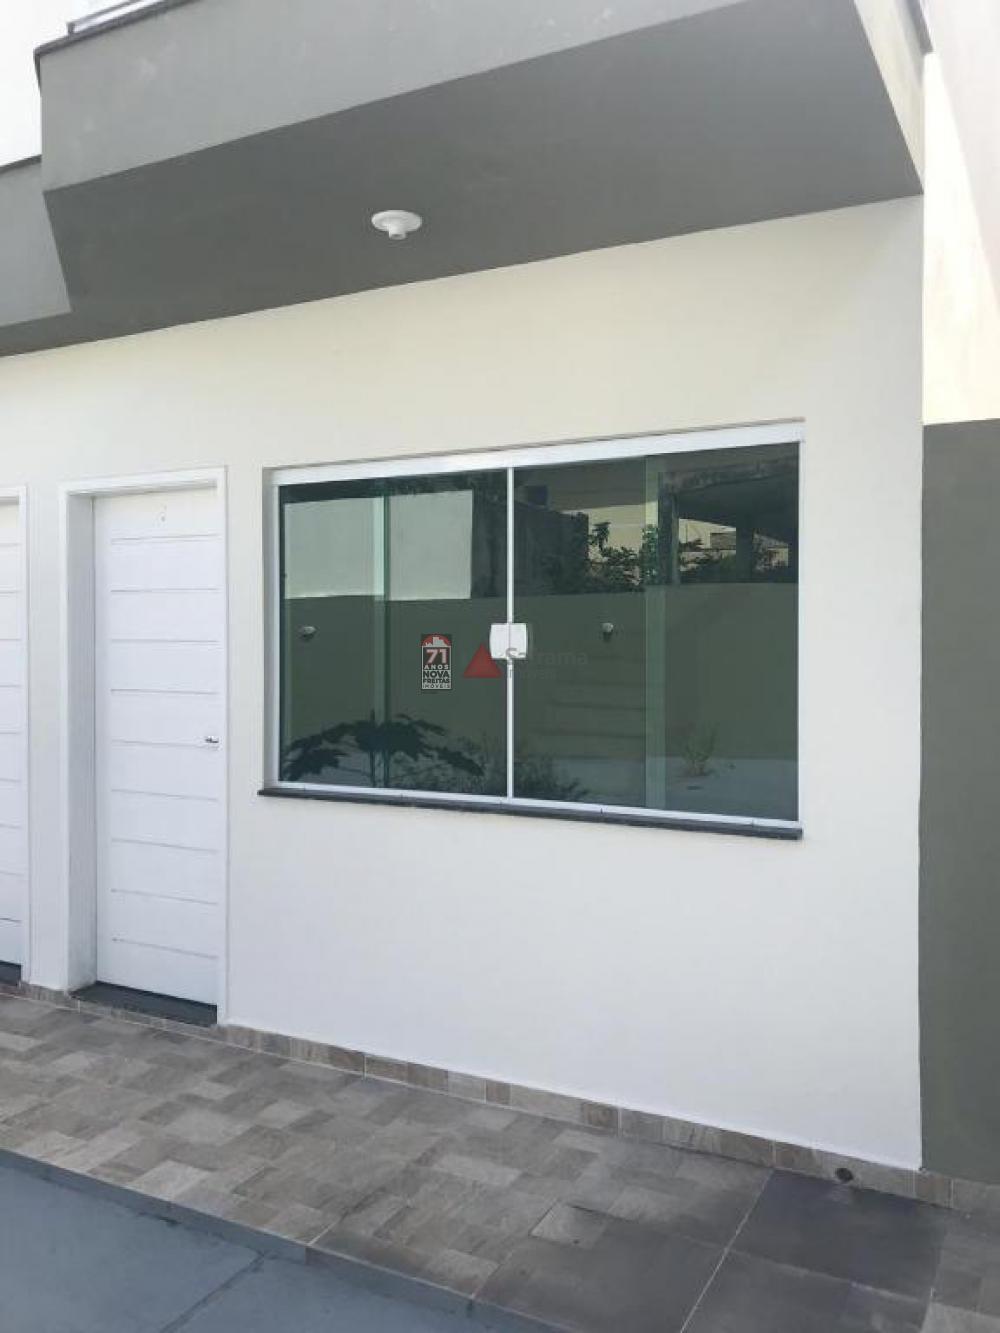 Comprar Casa / Sobrado em Condomínio em Caraguatatuba apenas R$ 259.000,00 - Foto 5